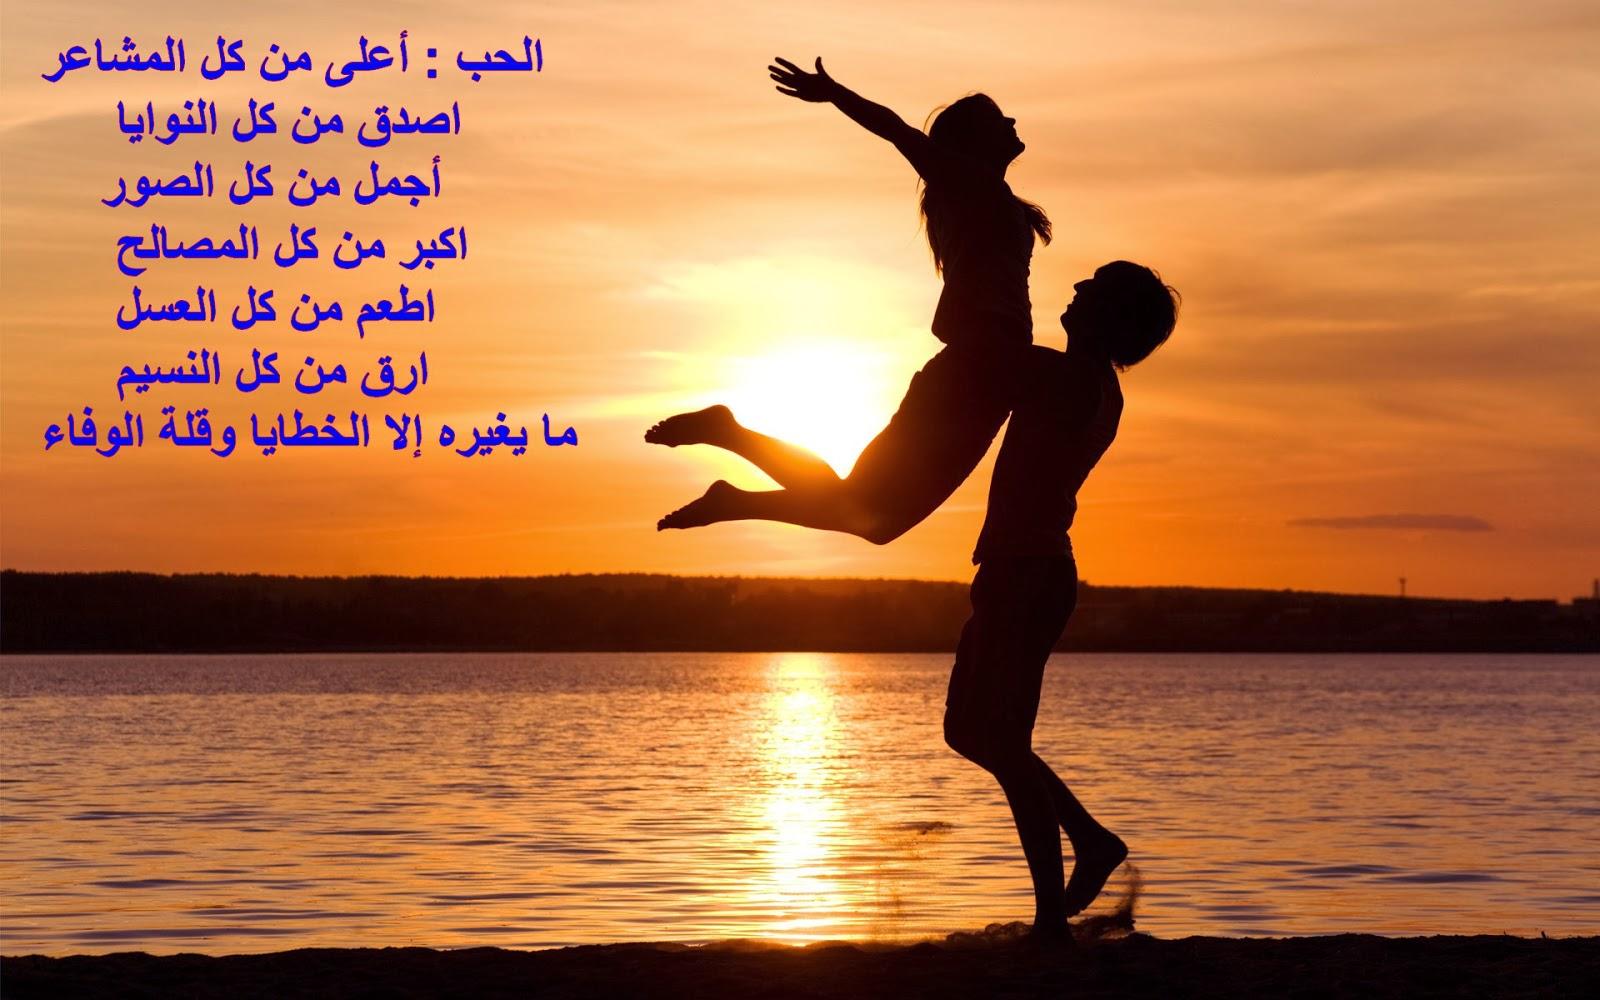 بالصور شعر رومانسى عن الحب , اجمل ما قيل فى الحب من اشعار 3265 3